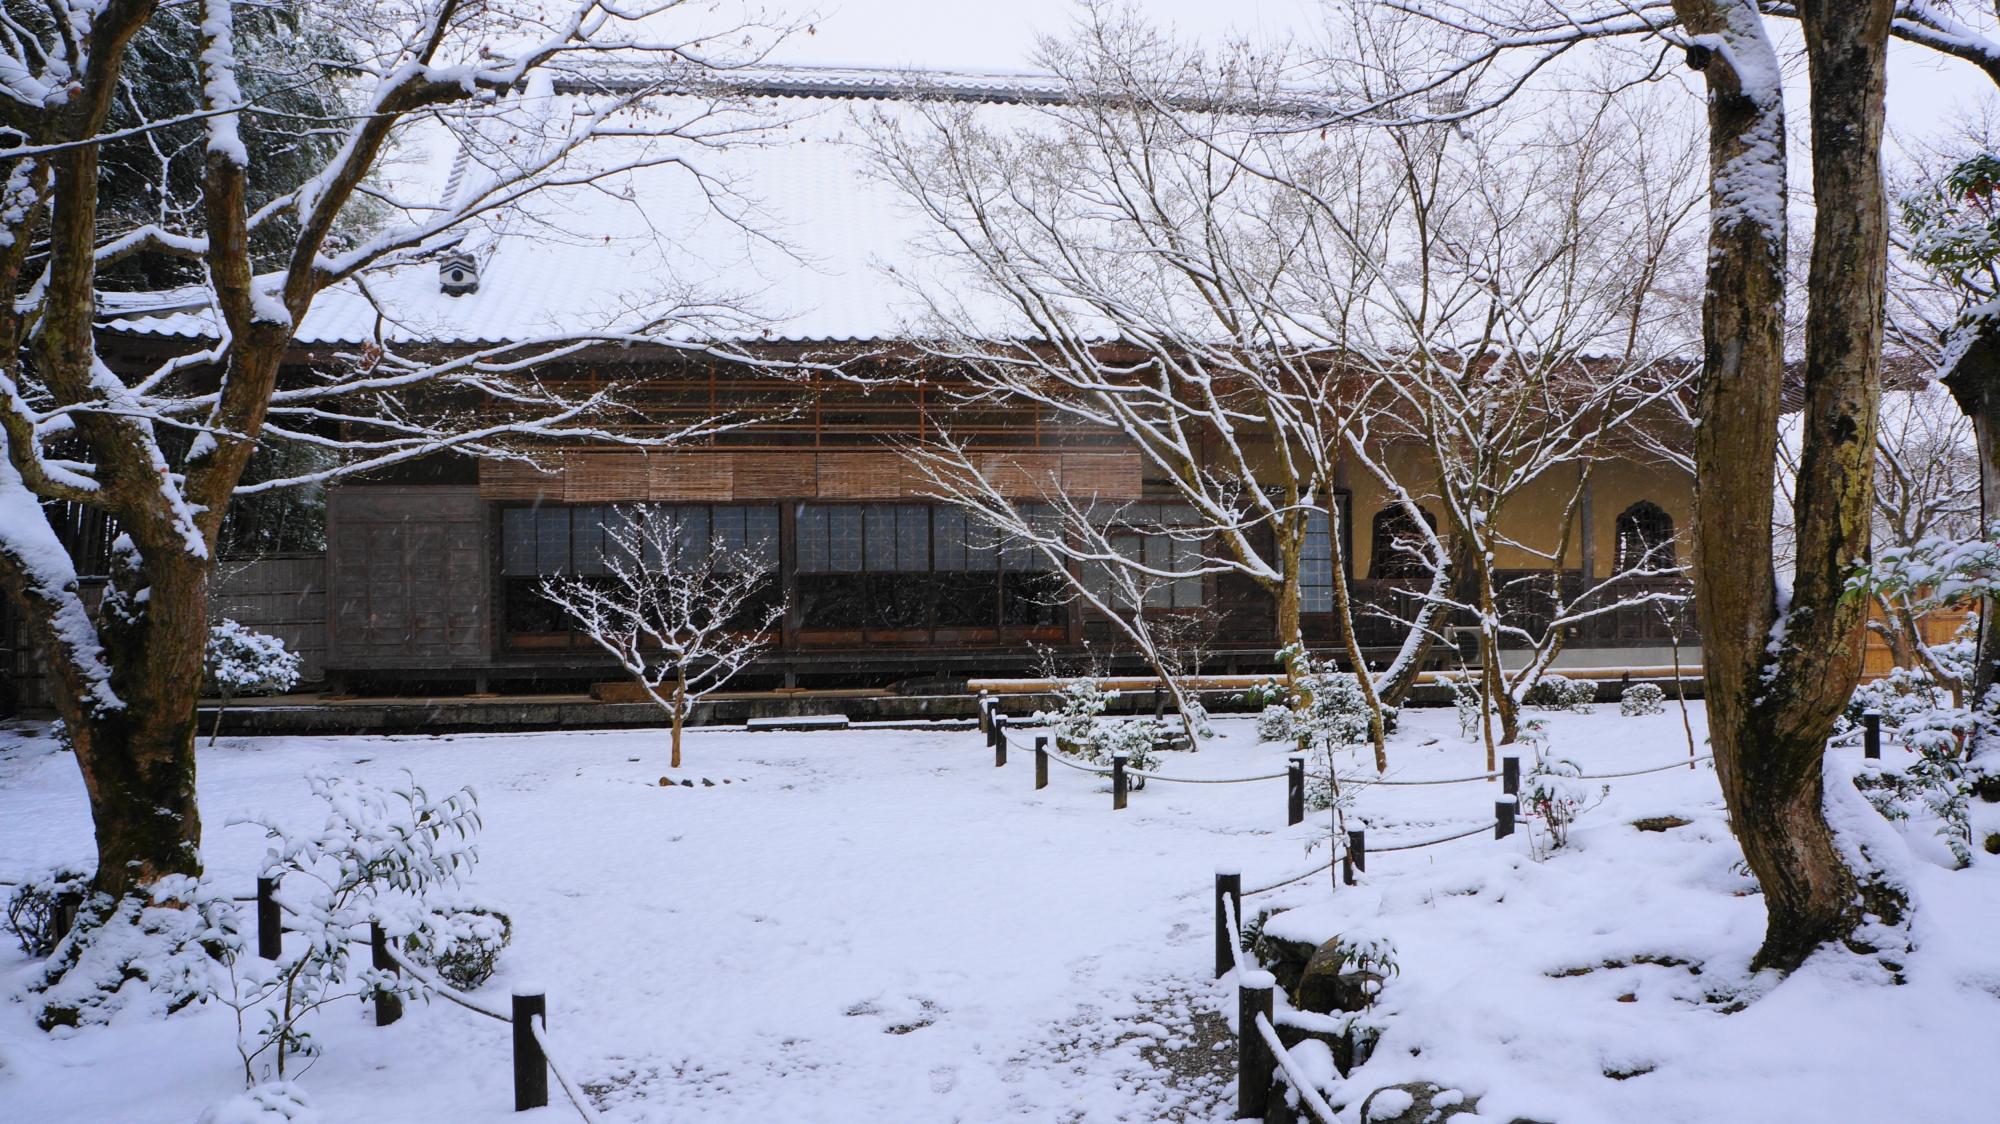 圓光寺の雪と静寂の中に佇む瑞雲閣